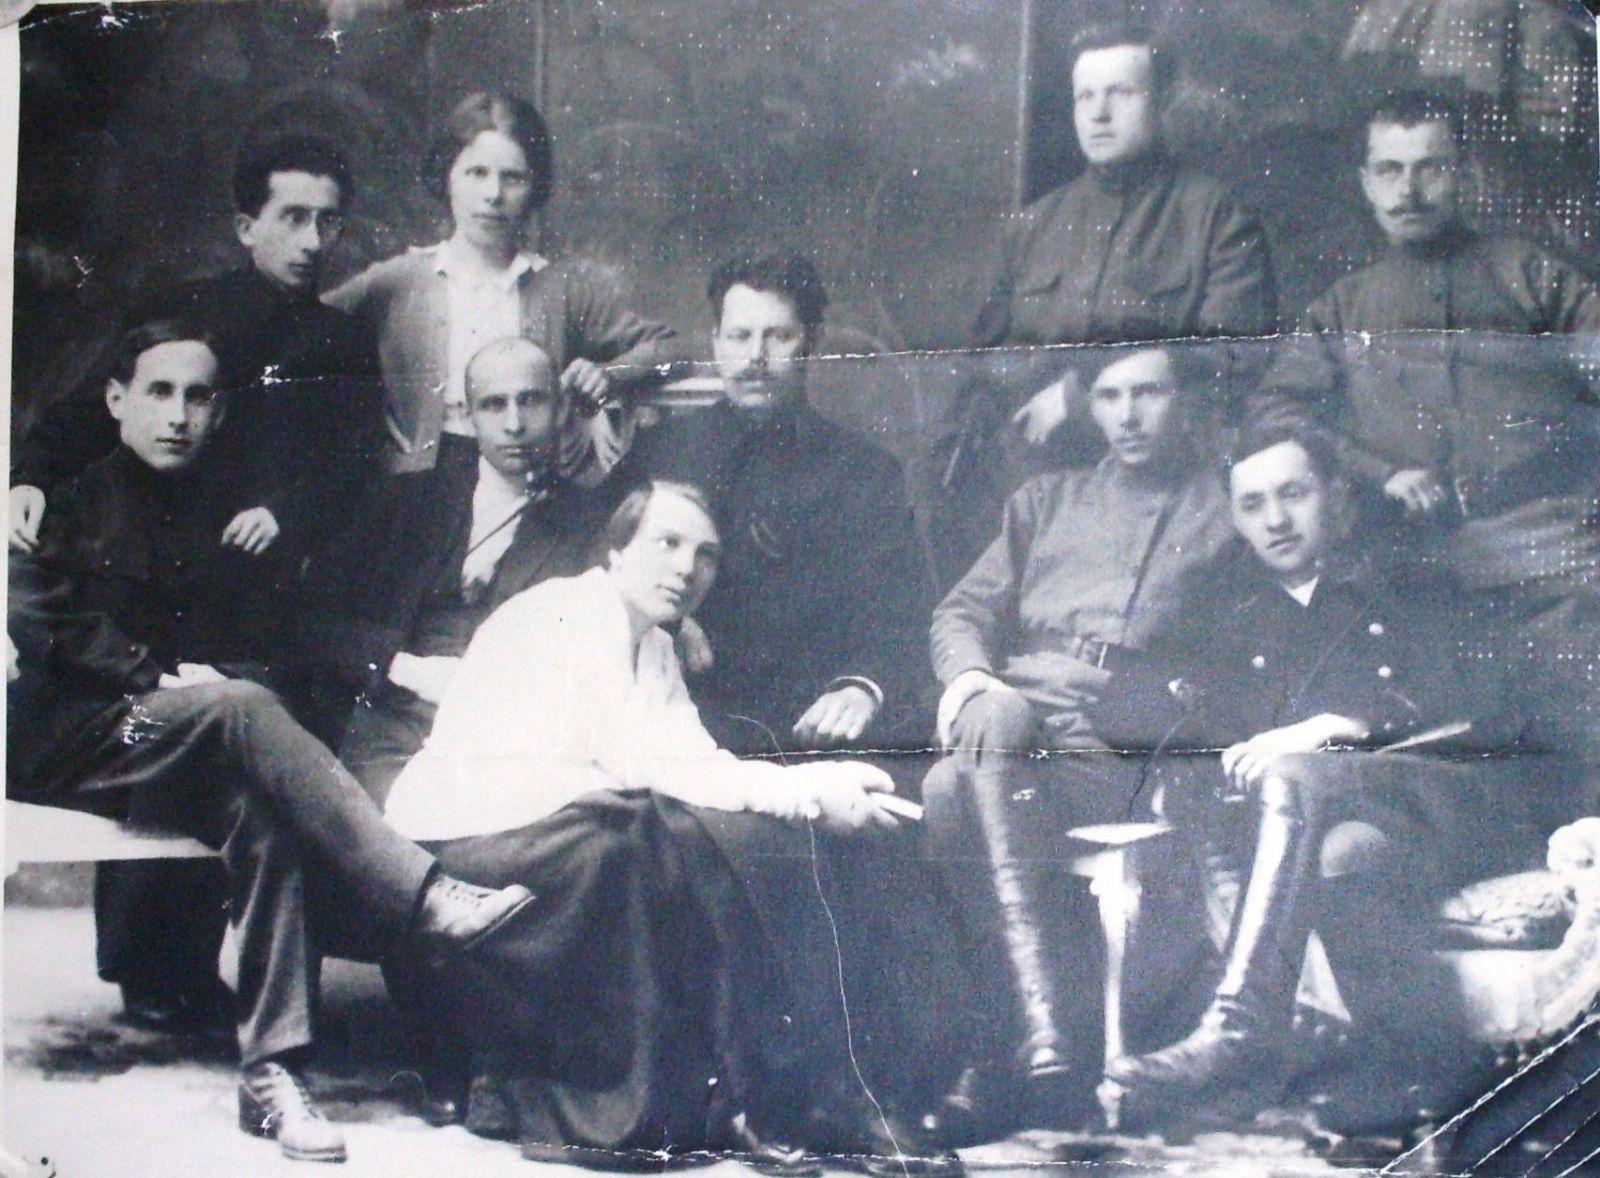 Харківська комендатура березня 1918-го. Крайні праворуч стоять брати Саєнки. У студентській тужурці сидить Ньома Фельдман. Біля нього — майбутній прокурор Москви Костя Маслов. Тут про кожного можна окрему статтю написати